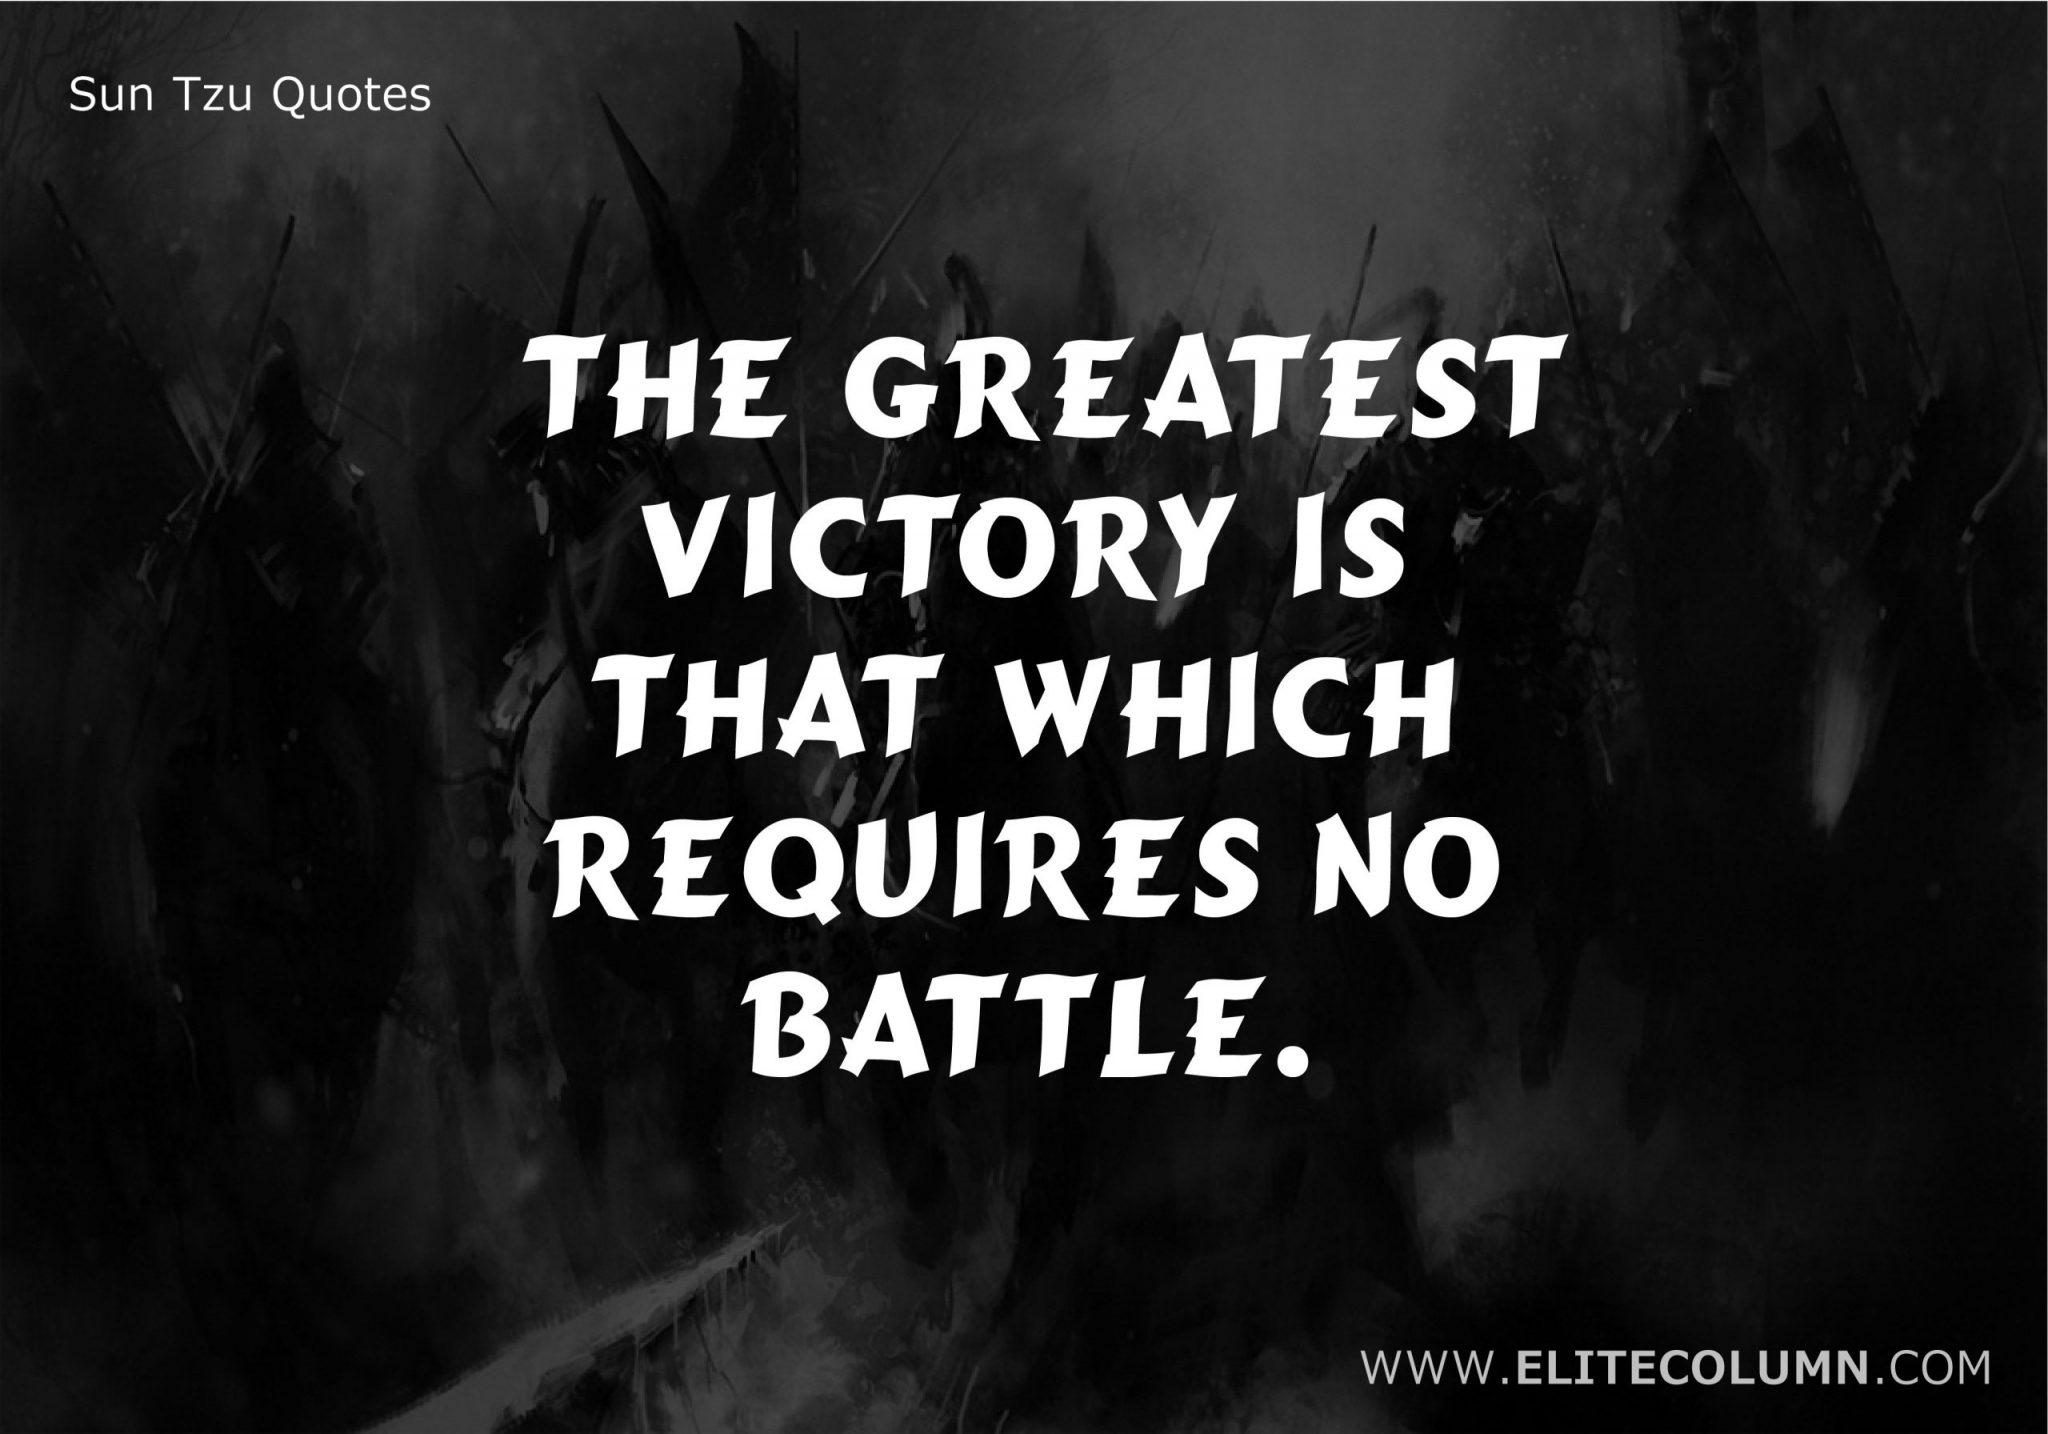 Sun Tzu Quotes (9)